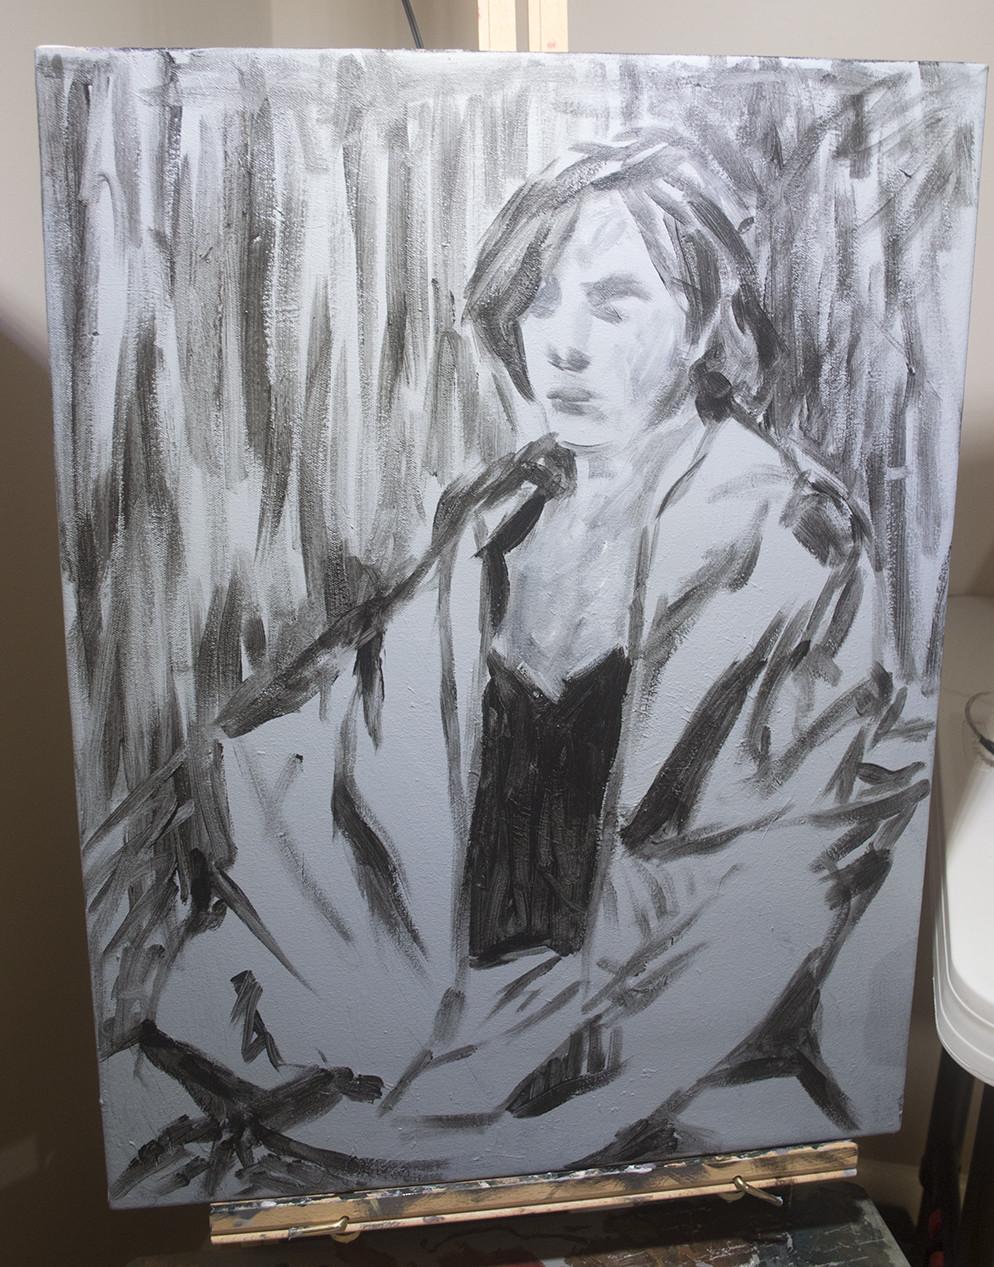 preliminary acrylic sketch